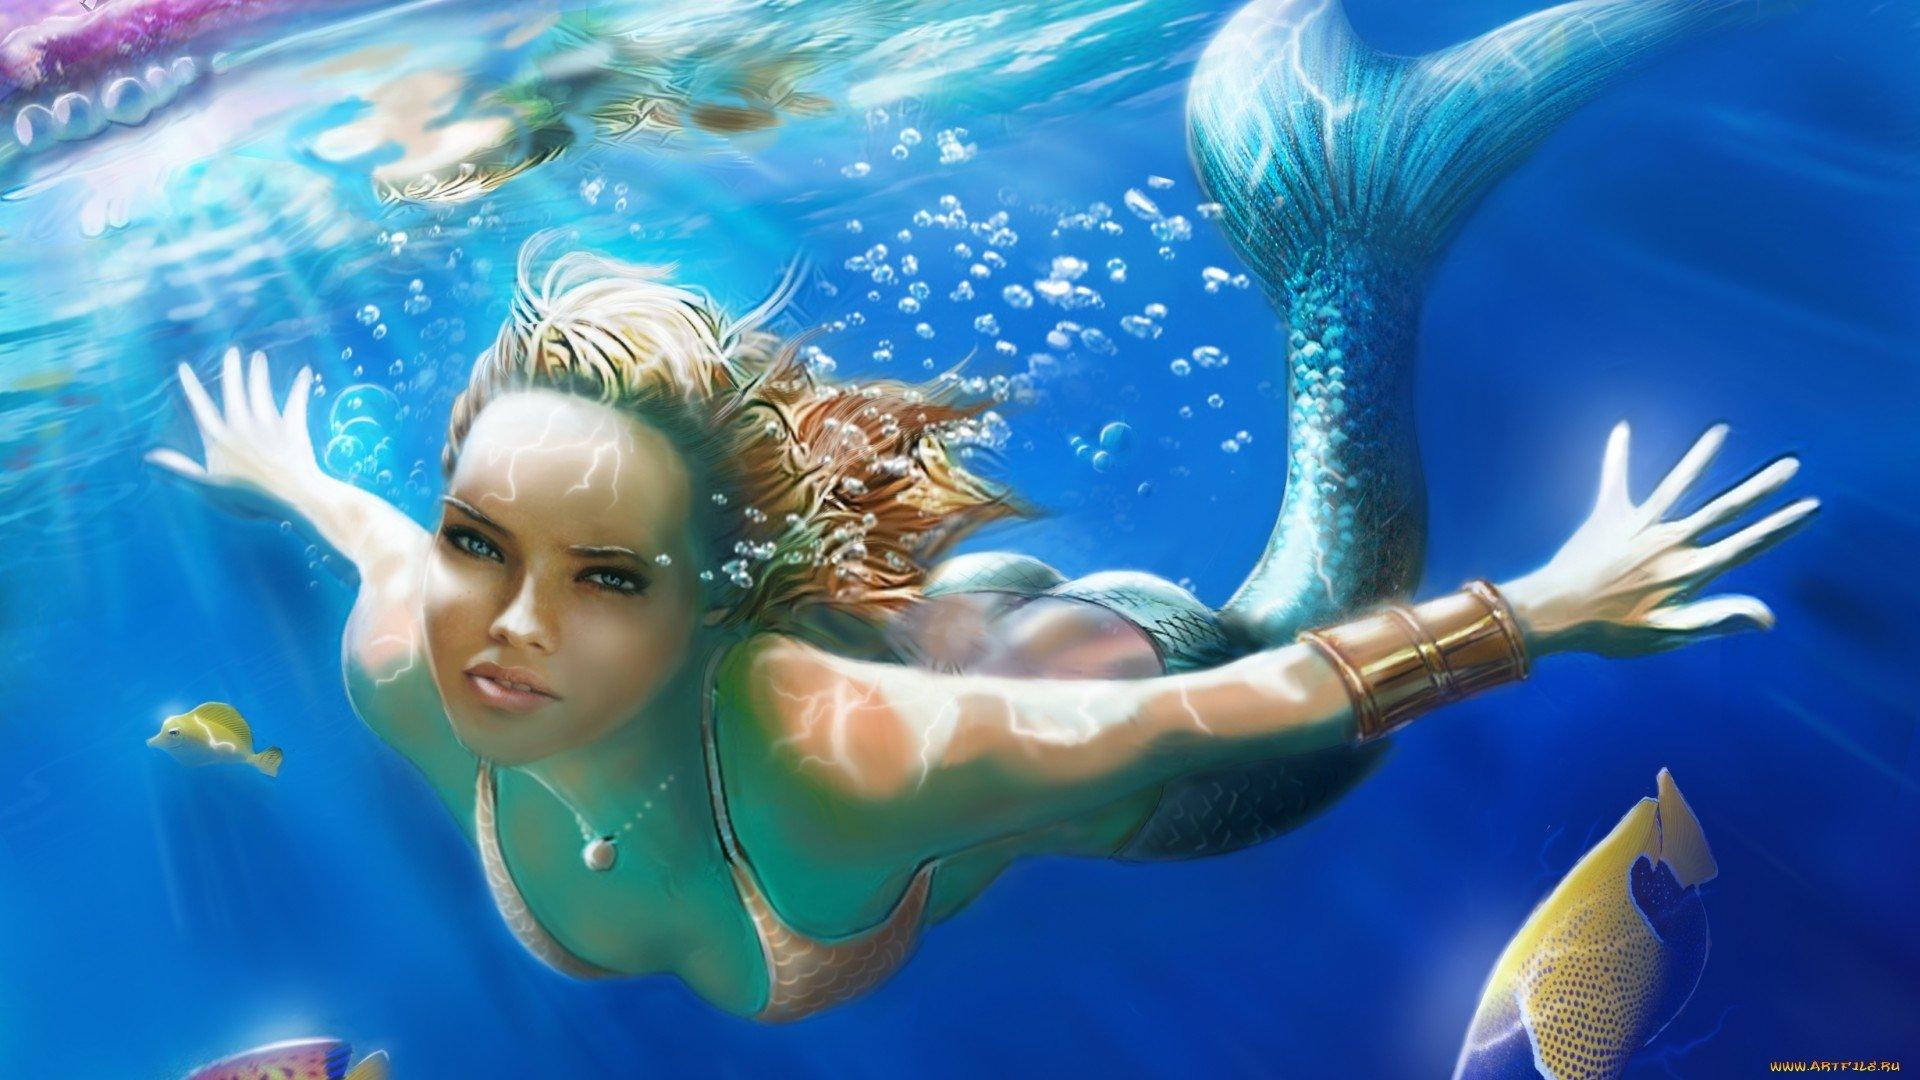 Hd Wallpapers: Fondos De Pantalla De Sirenas Hermosas, Wallpapers HD Gratis